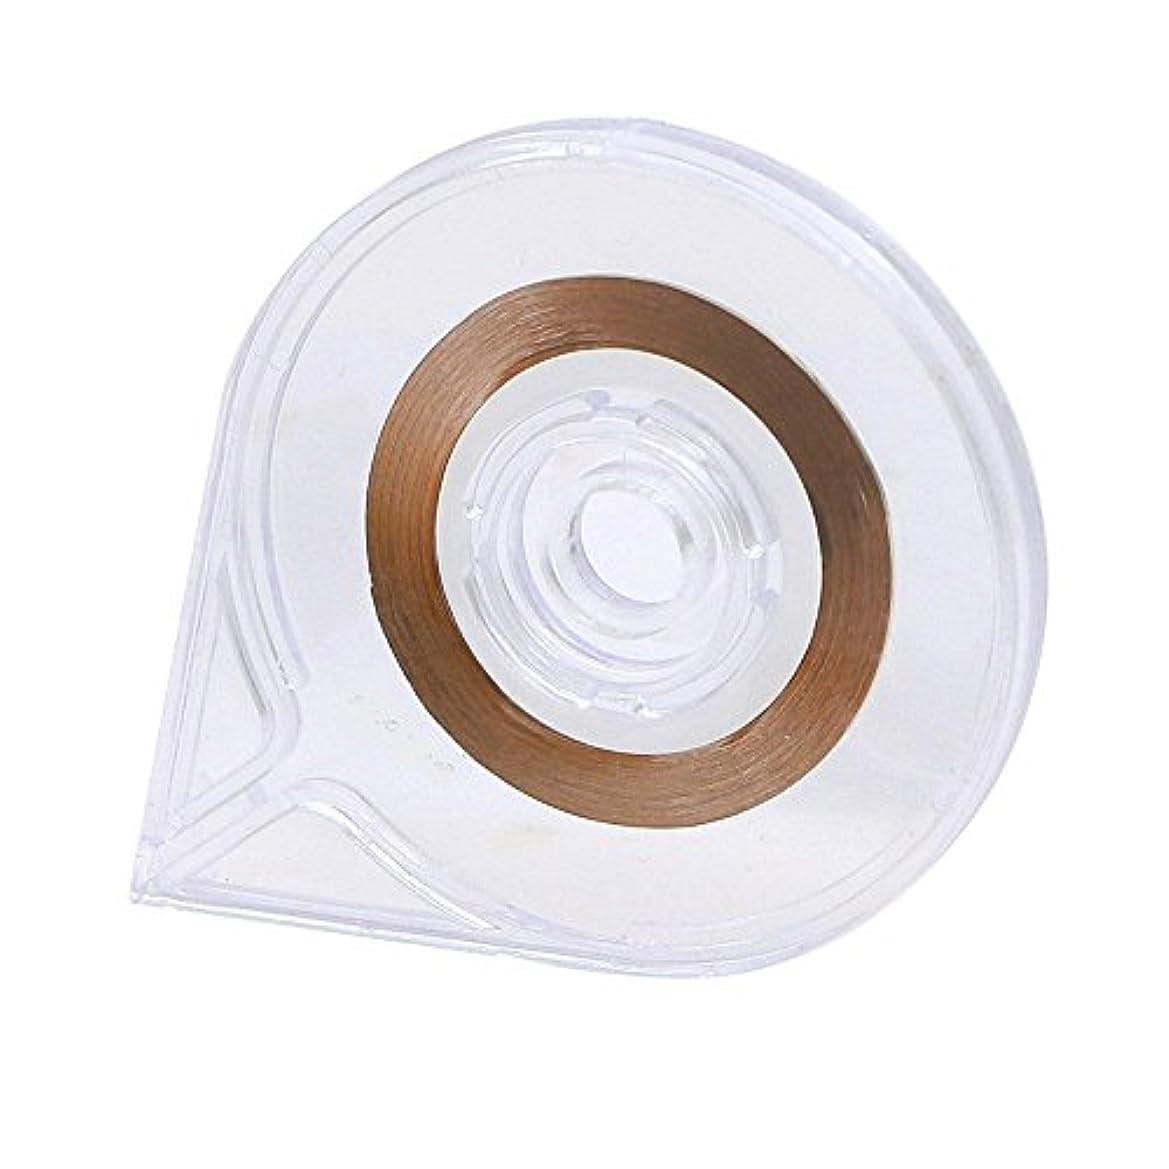 特別に化合物エステートSODIAL(R) ネイルアート ストライピングテープラインケースツールステッカーボックスホルダー 使いやすいデザイン